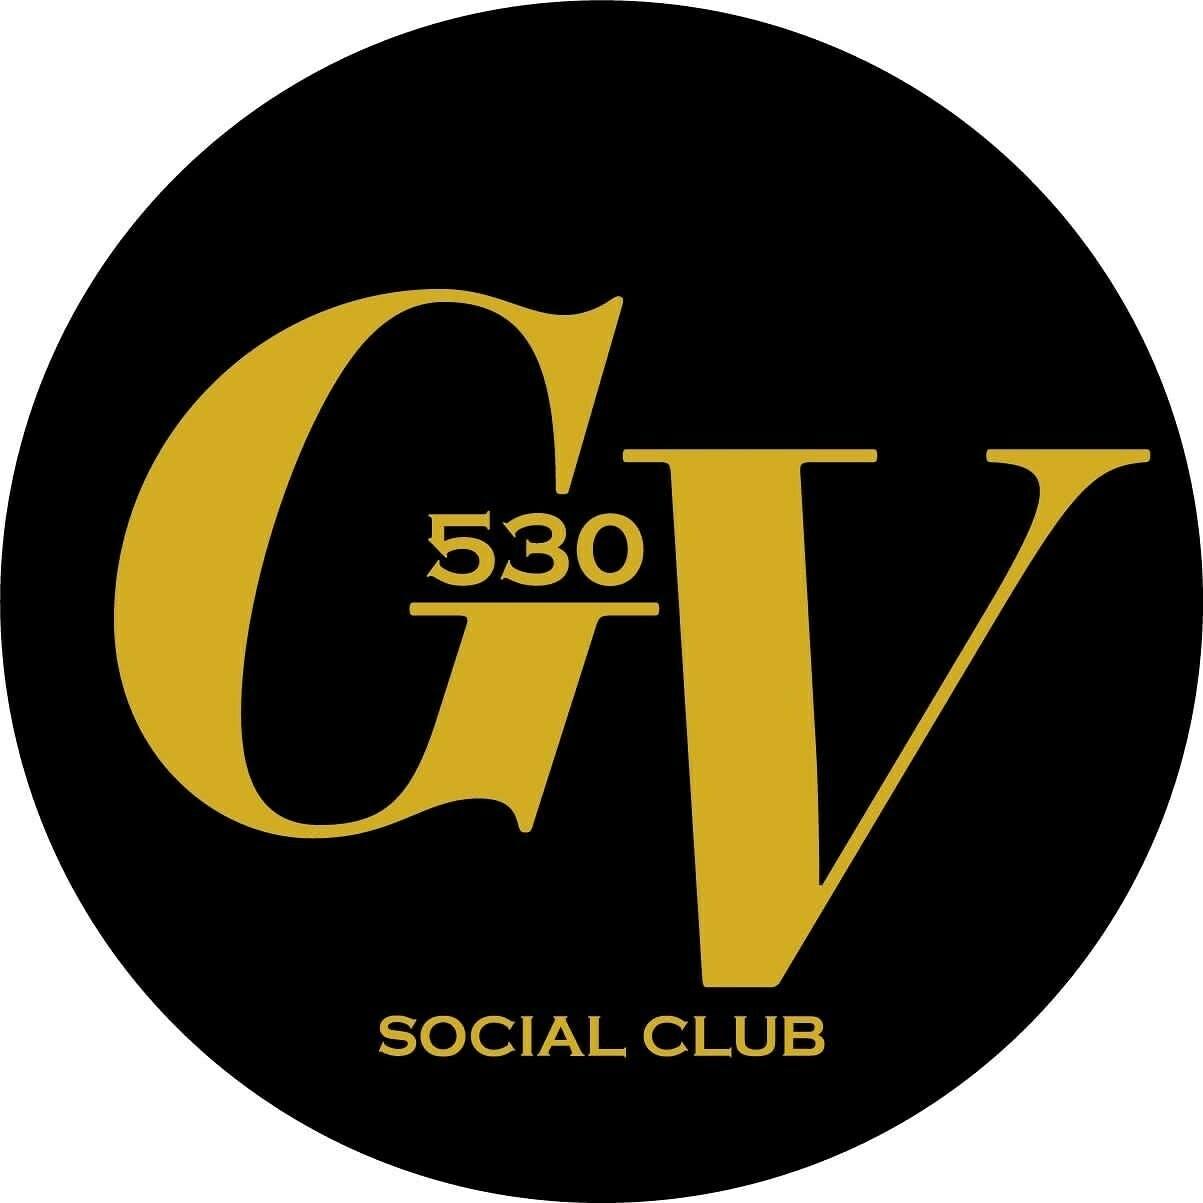 GV530 Cannabis Club